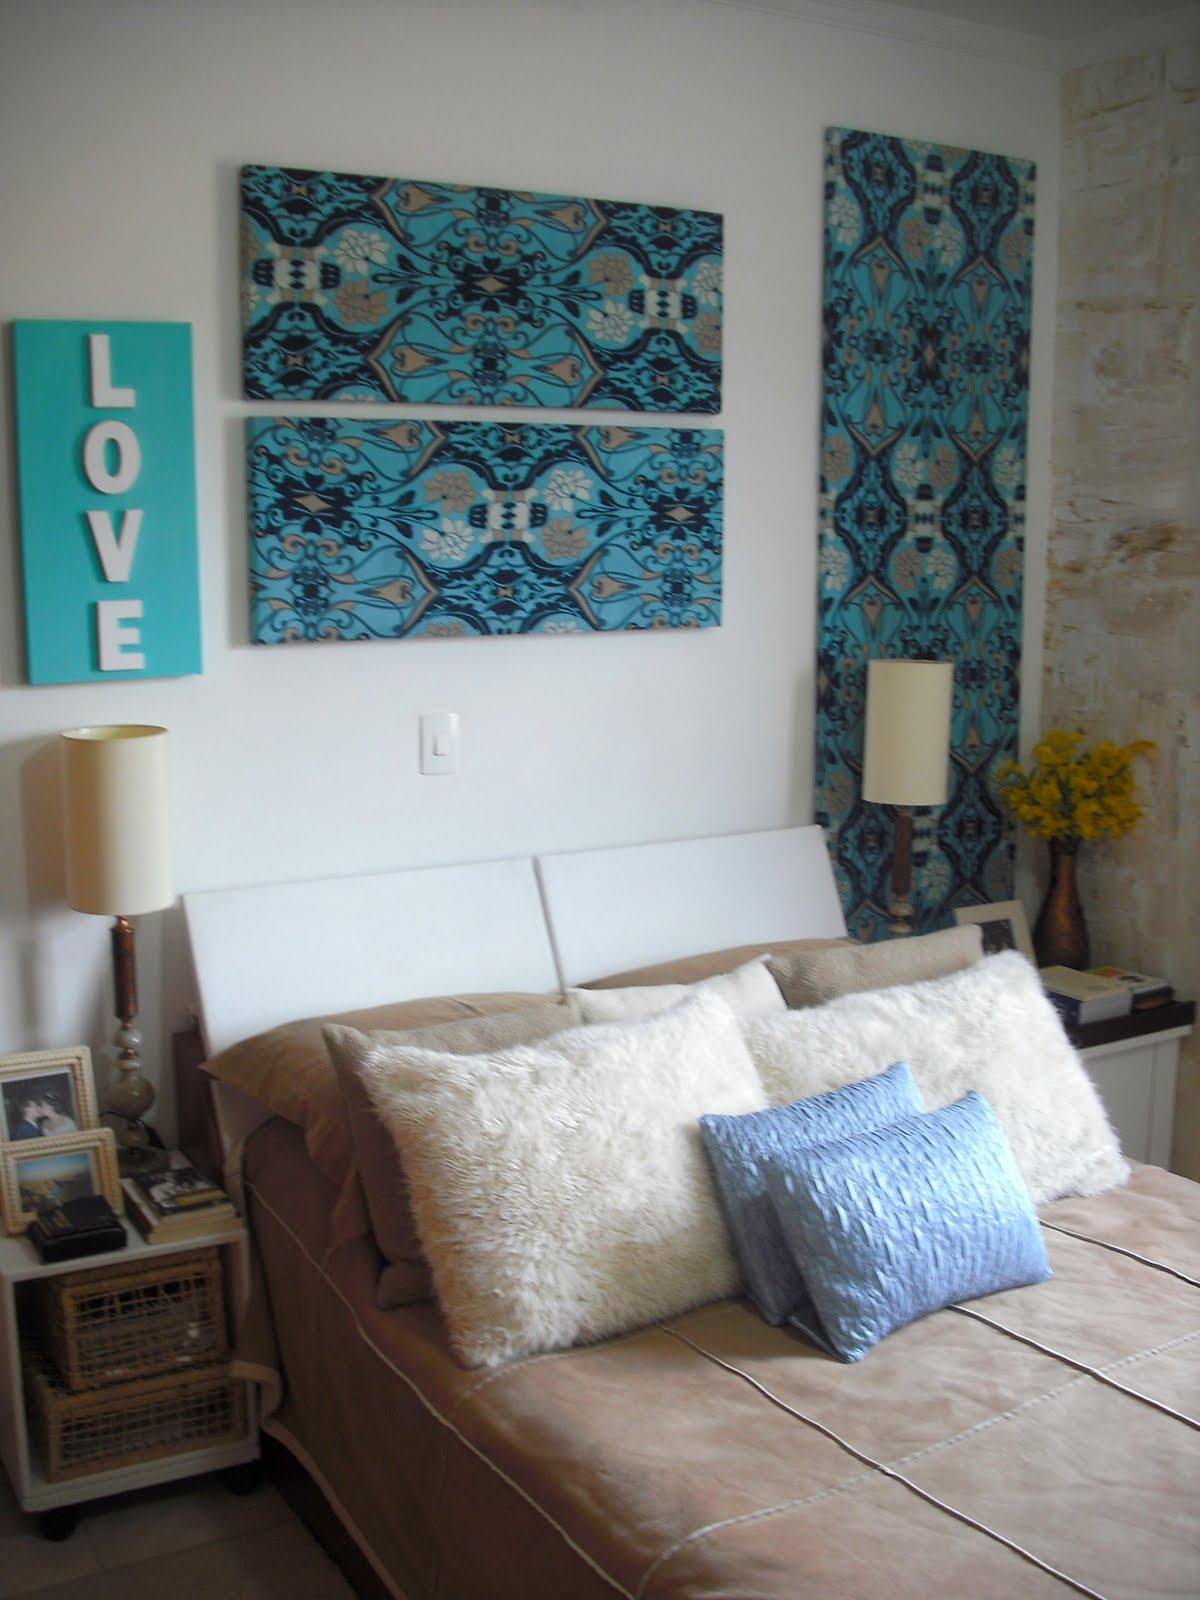 Decorar gastando pouco dica 4 reciclar e decorar blog de decora o e reciclagem - Telas para decorar ...